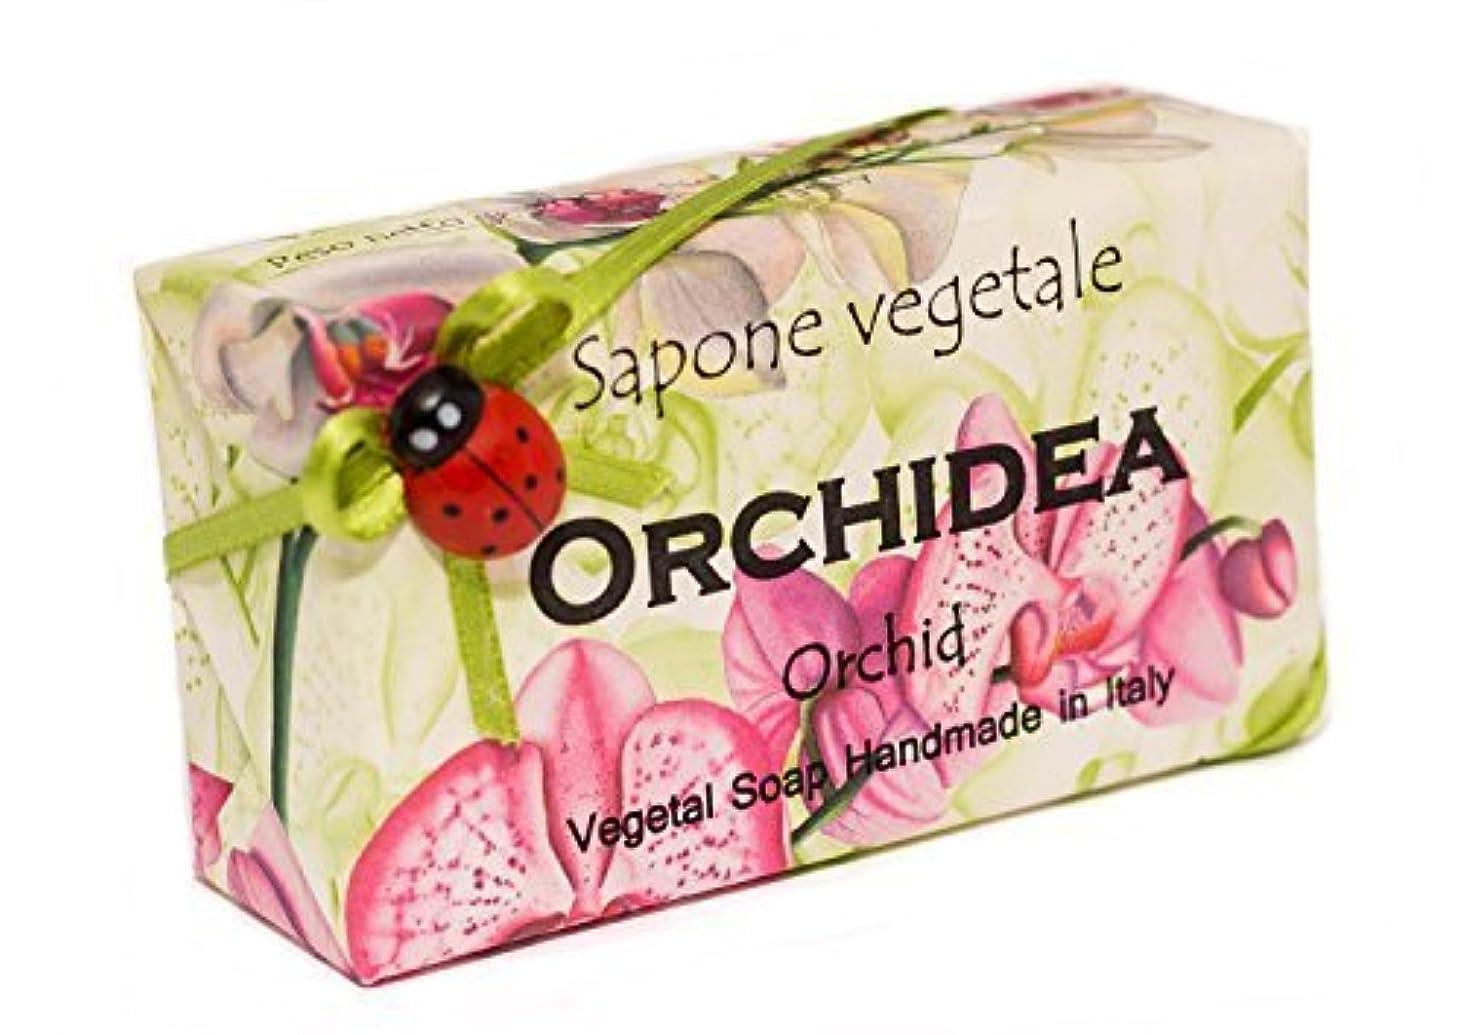 マークされた噴水起きてAlchimia オルキデア(蘭)、イタリアからの野菜の手作りソープバー [並行輸入品]